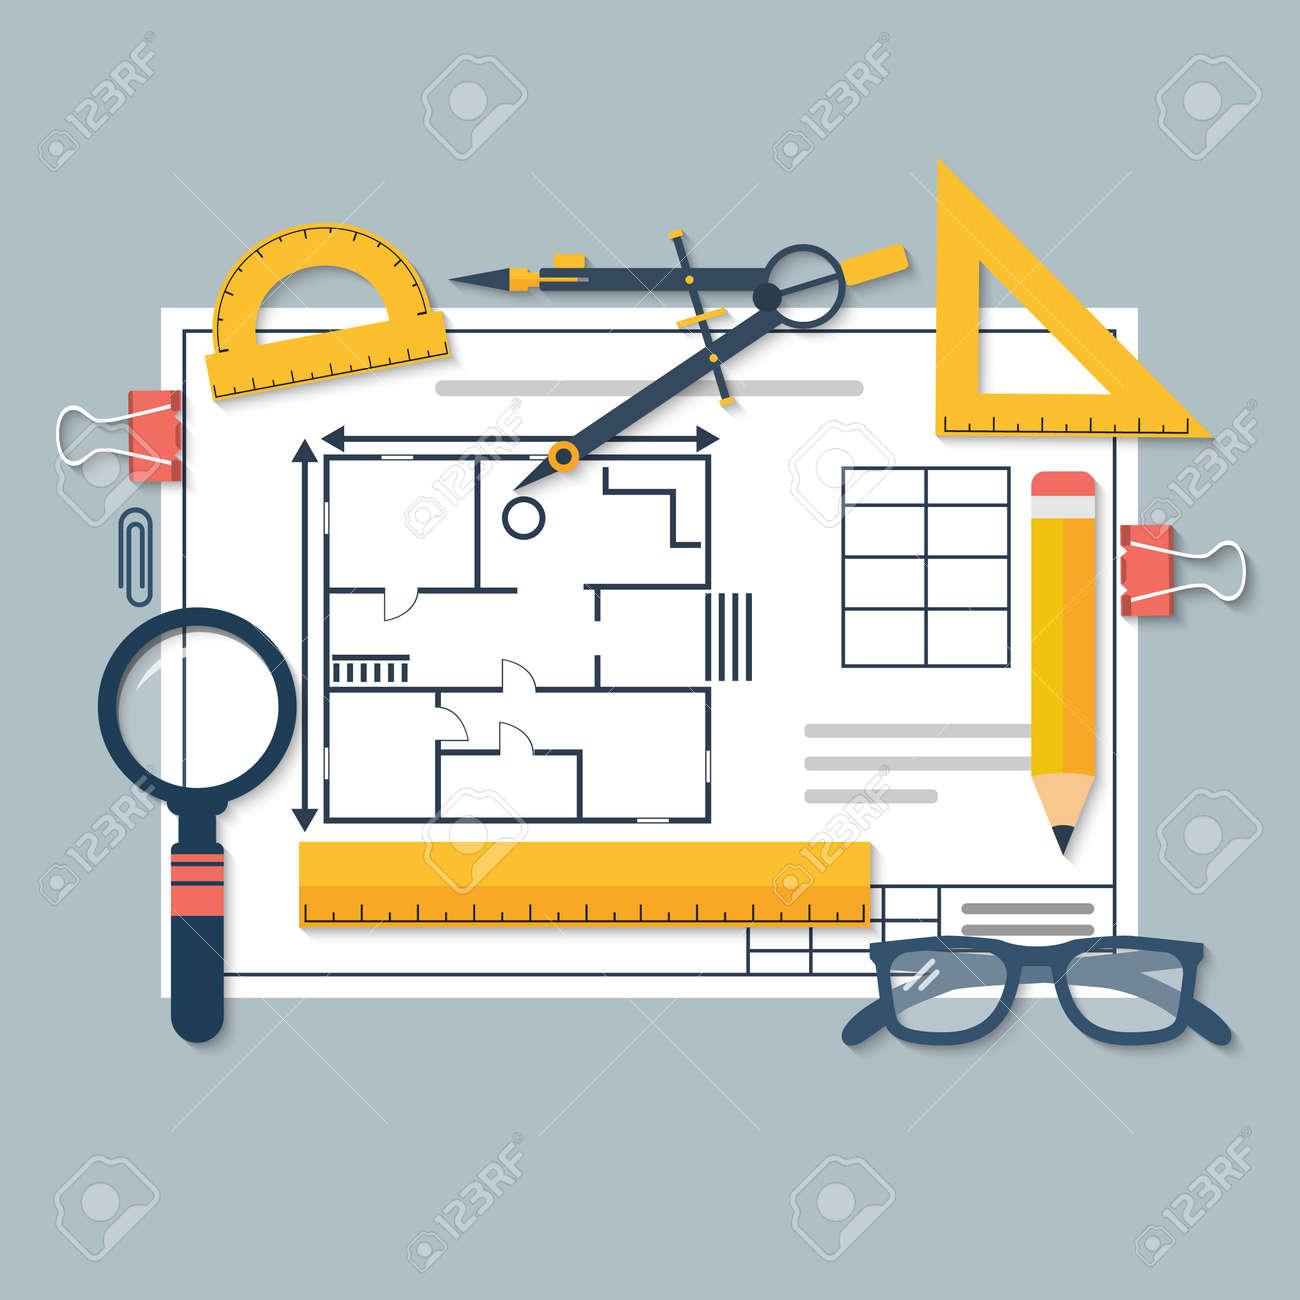 Architektonische Bauplane Und Zeichenwerkzeuge Arbeitsplatz Des Architekten Entwurf Plans Haus Zu Bauen